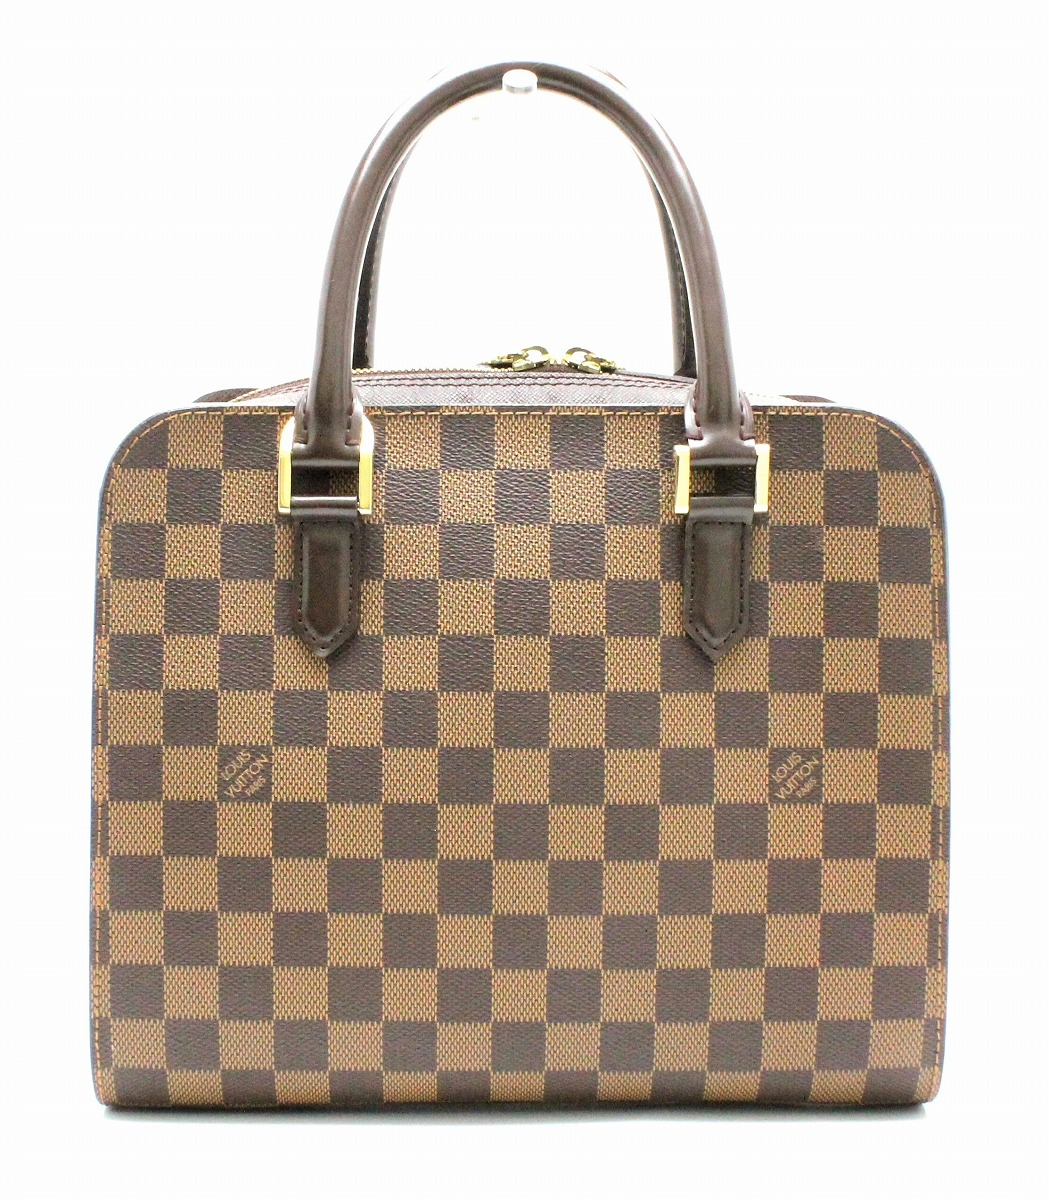 【バッグ】LOUIS VUITTON ルイ ヴィトン ダミエ トリアナ ハンドバッグ スクエア型 N51155 【中古】【k】